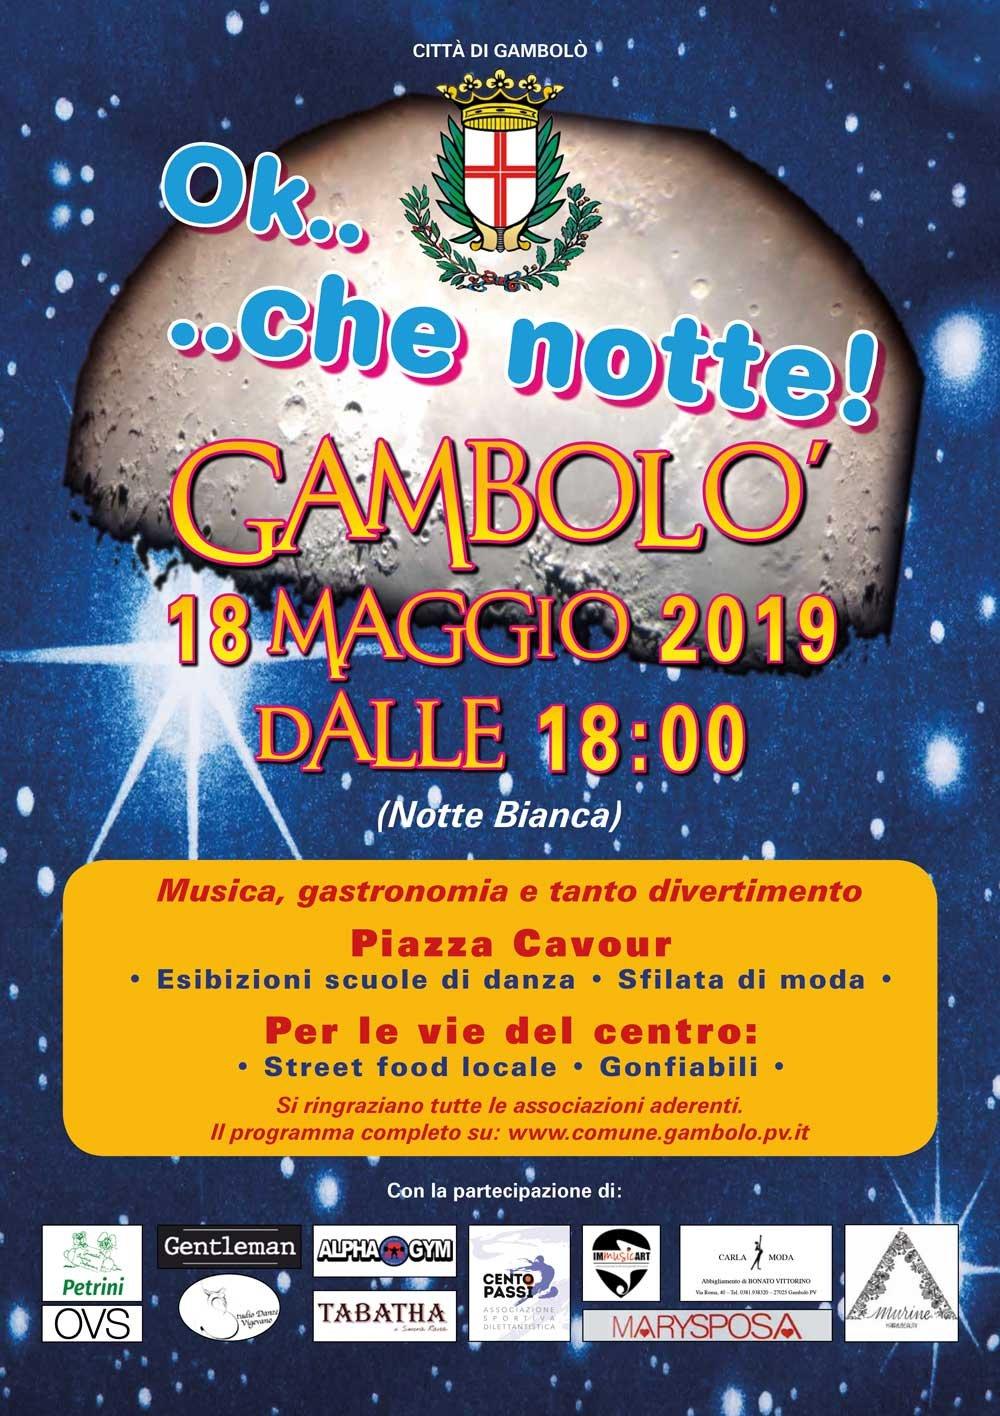 Vigevano24: Tutti gli appuntamenti fino a domenica 19 maggio a Vigevano